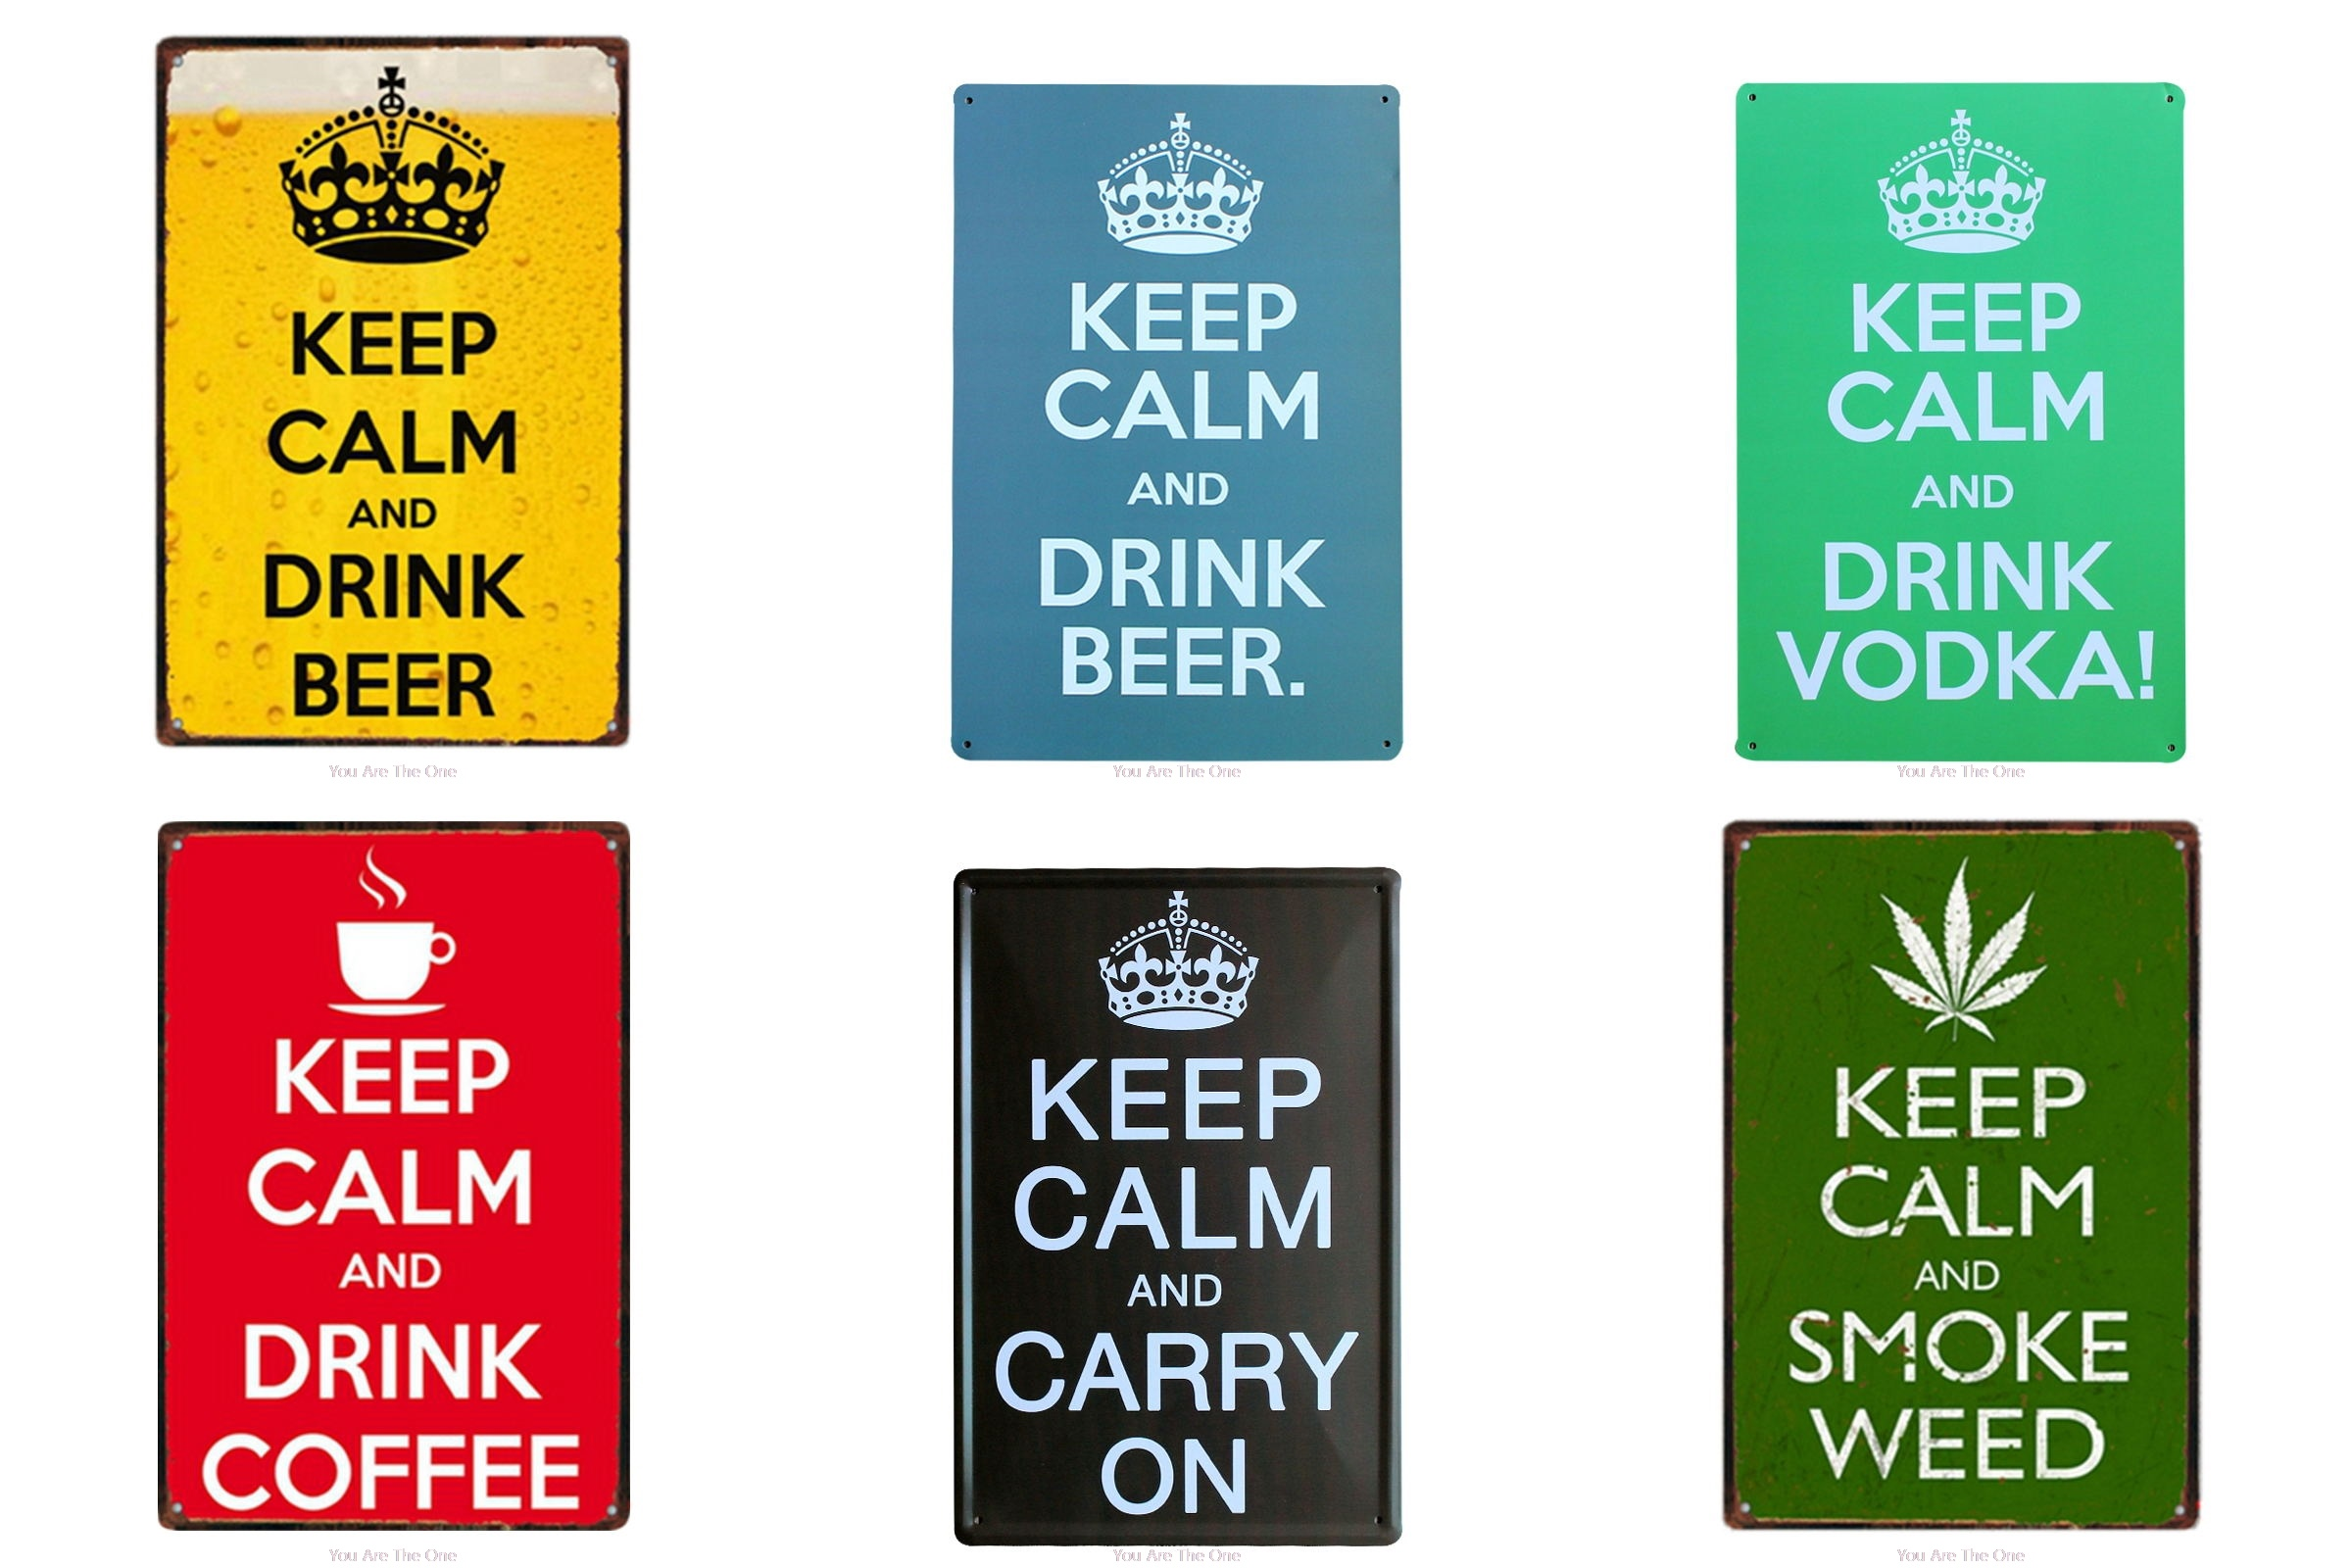 Garder le calme et faire quelque chose métal étain signes boisson bière Vodka Vintage maison Plaque métal peinture mur décor conseil rétro Pub